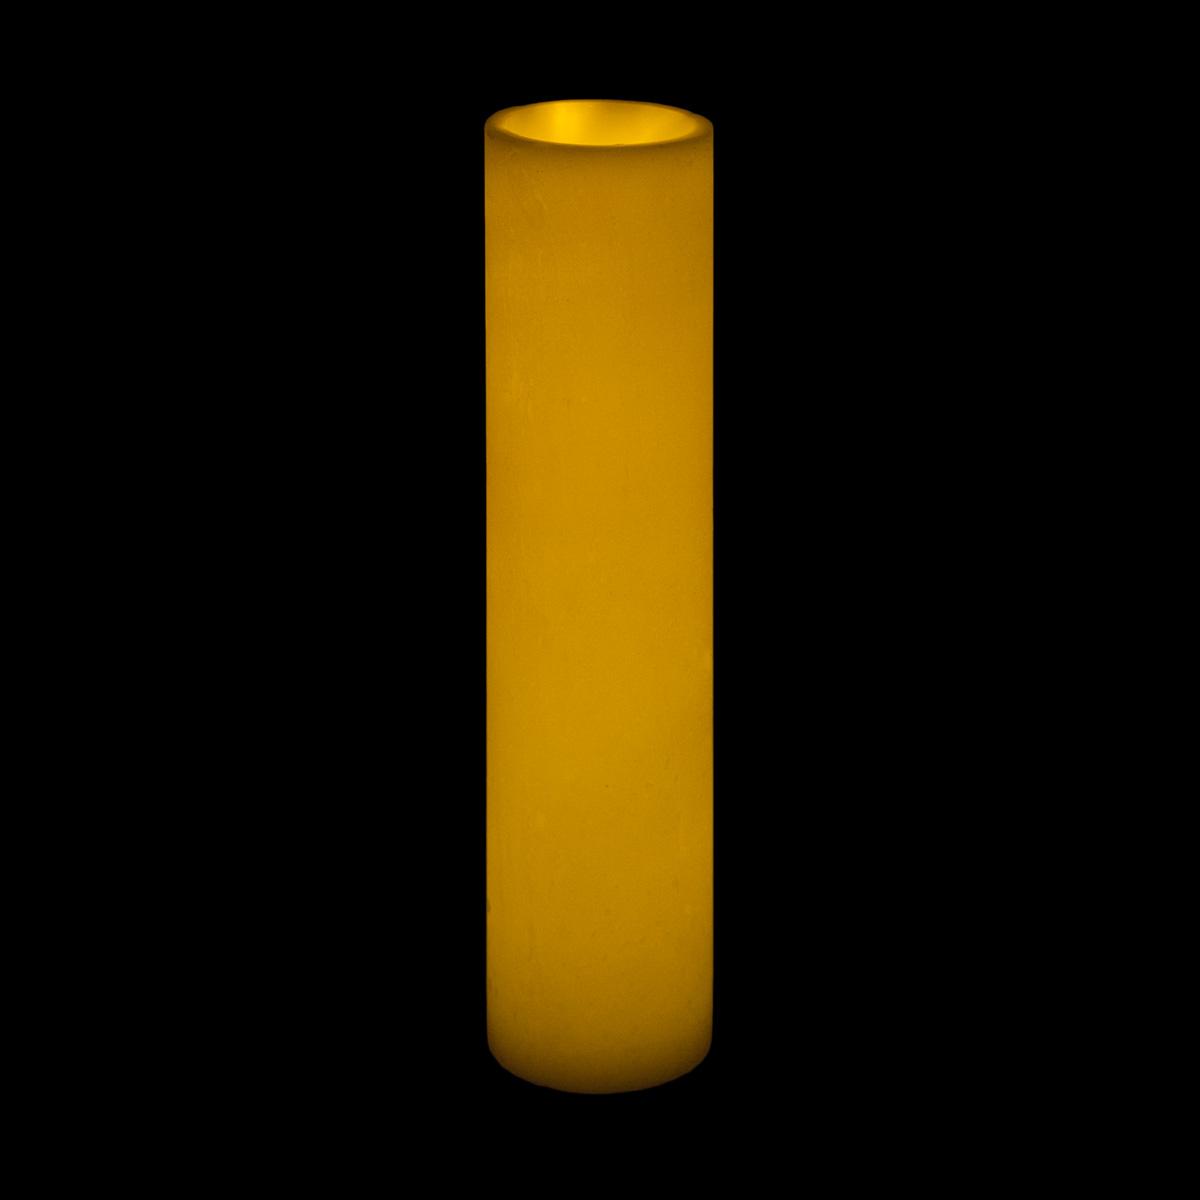 3x16 Ivory Round Wax Luminary